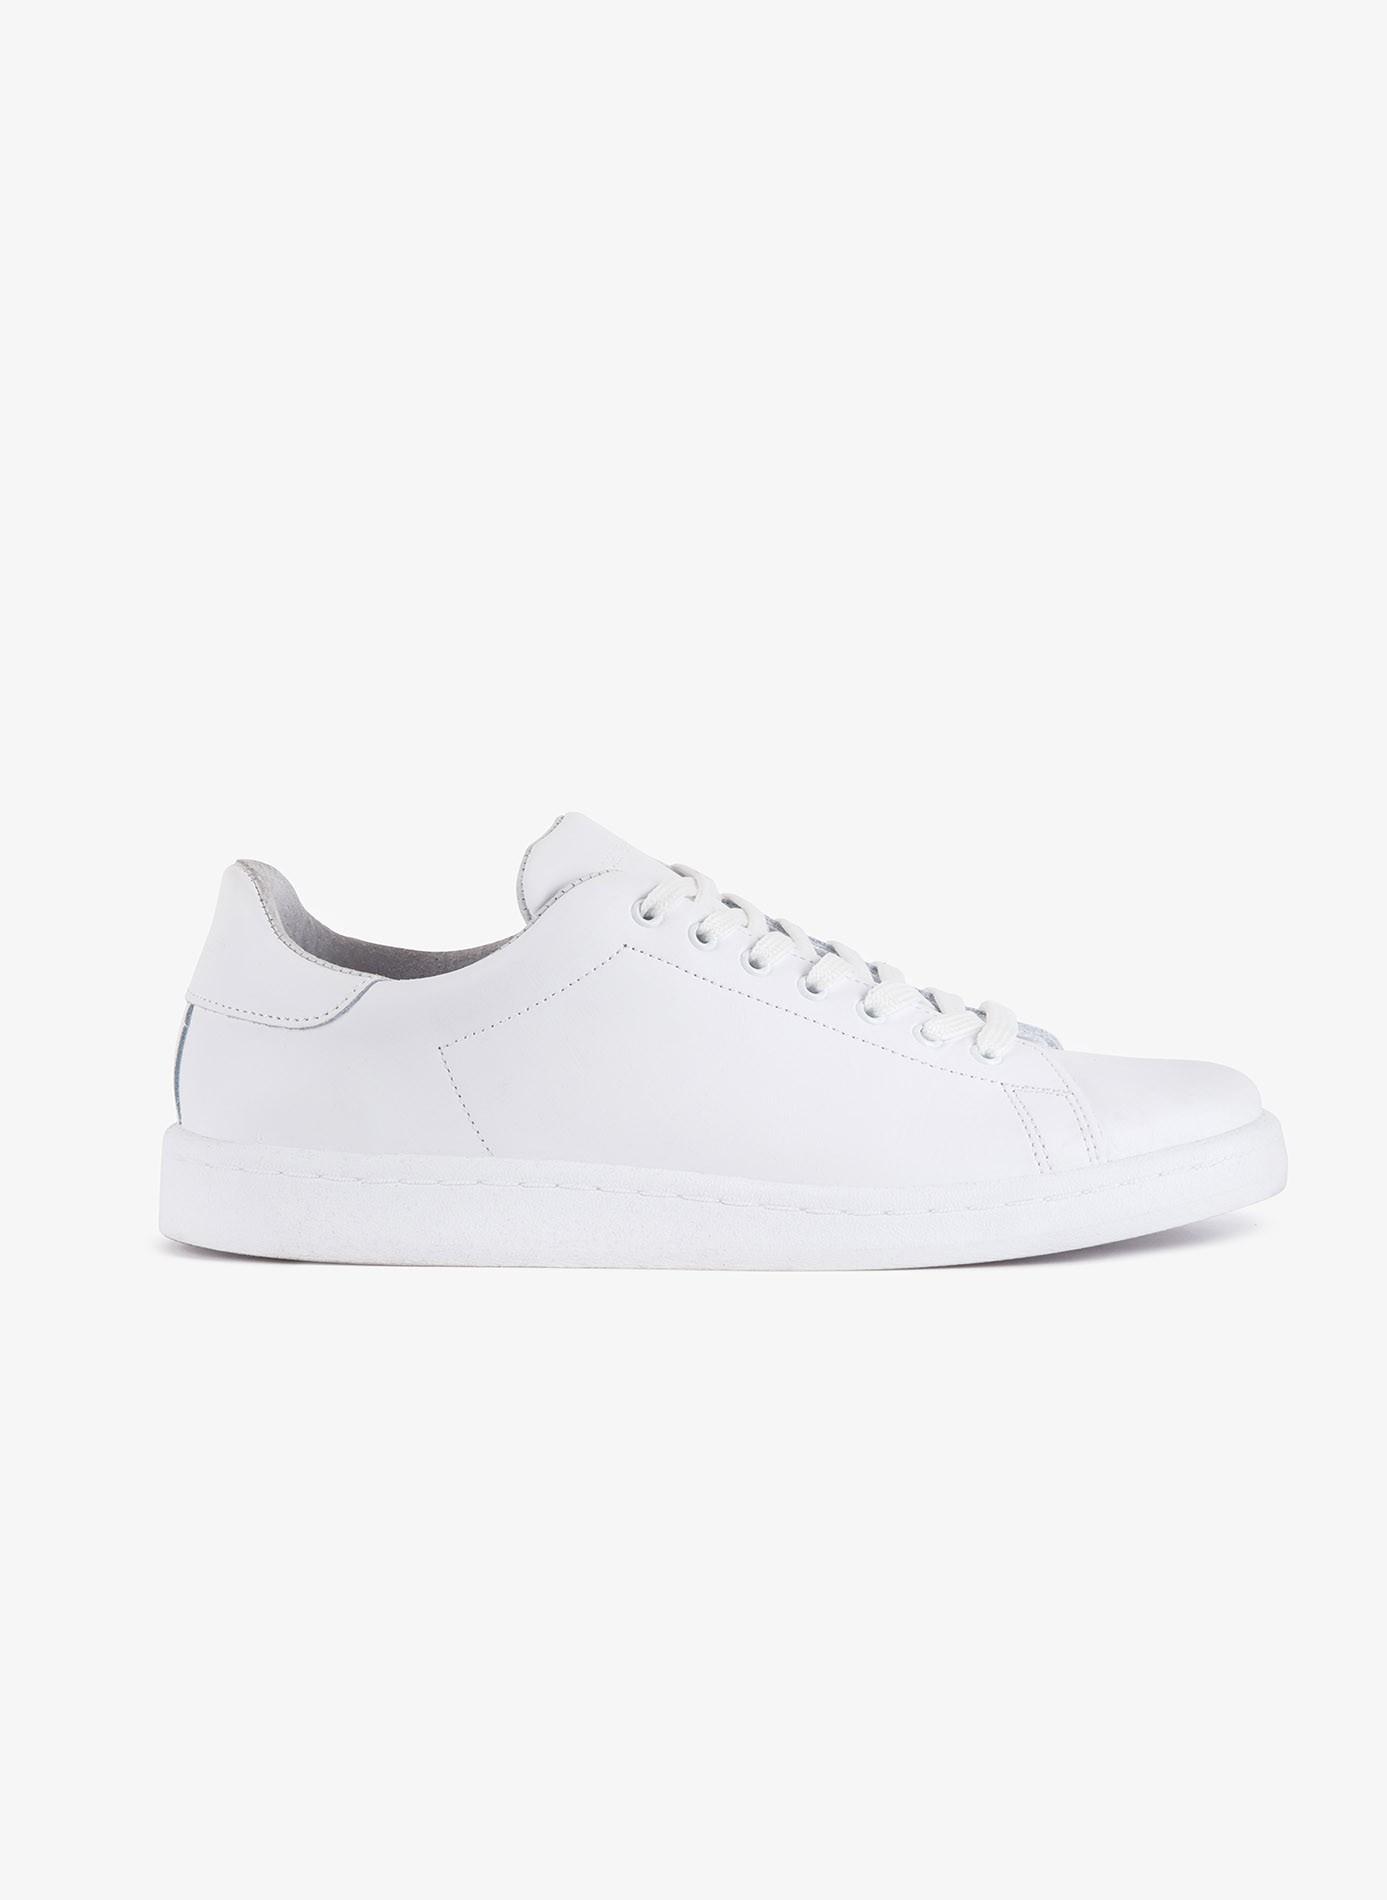 116e2e34e9d2d0 Scarpa sneaker uomo John Barritt, in vera pelle, colore bianco. Suola in  gomma. Composizione 100% pelle. White